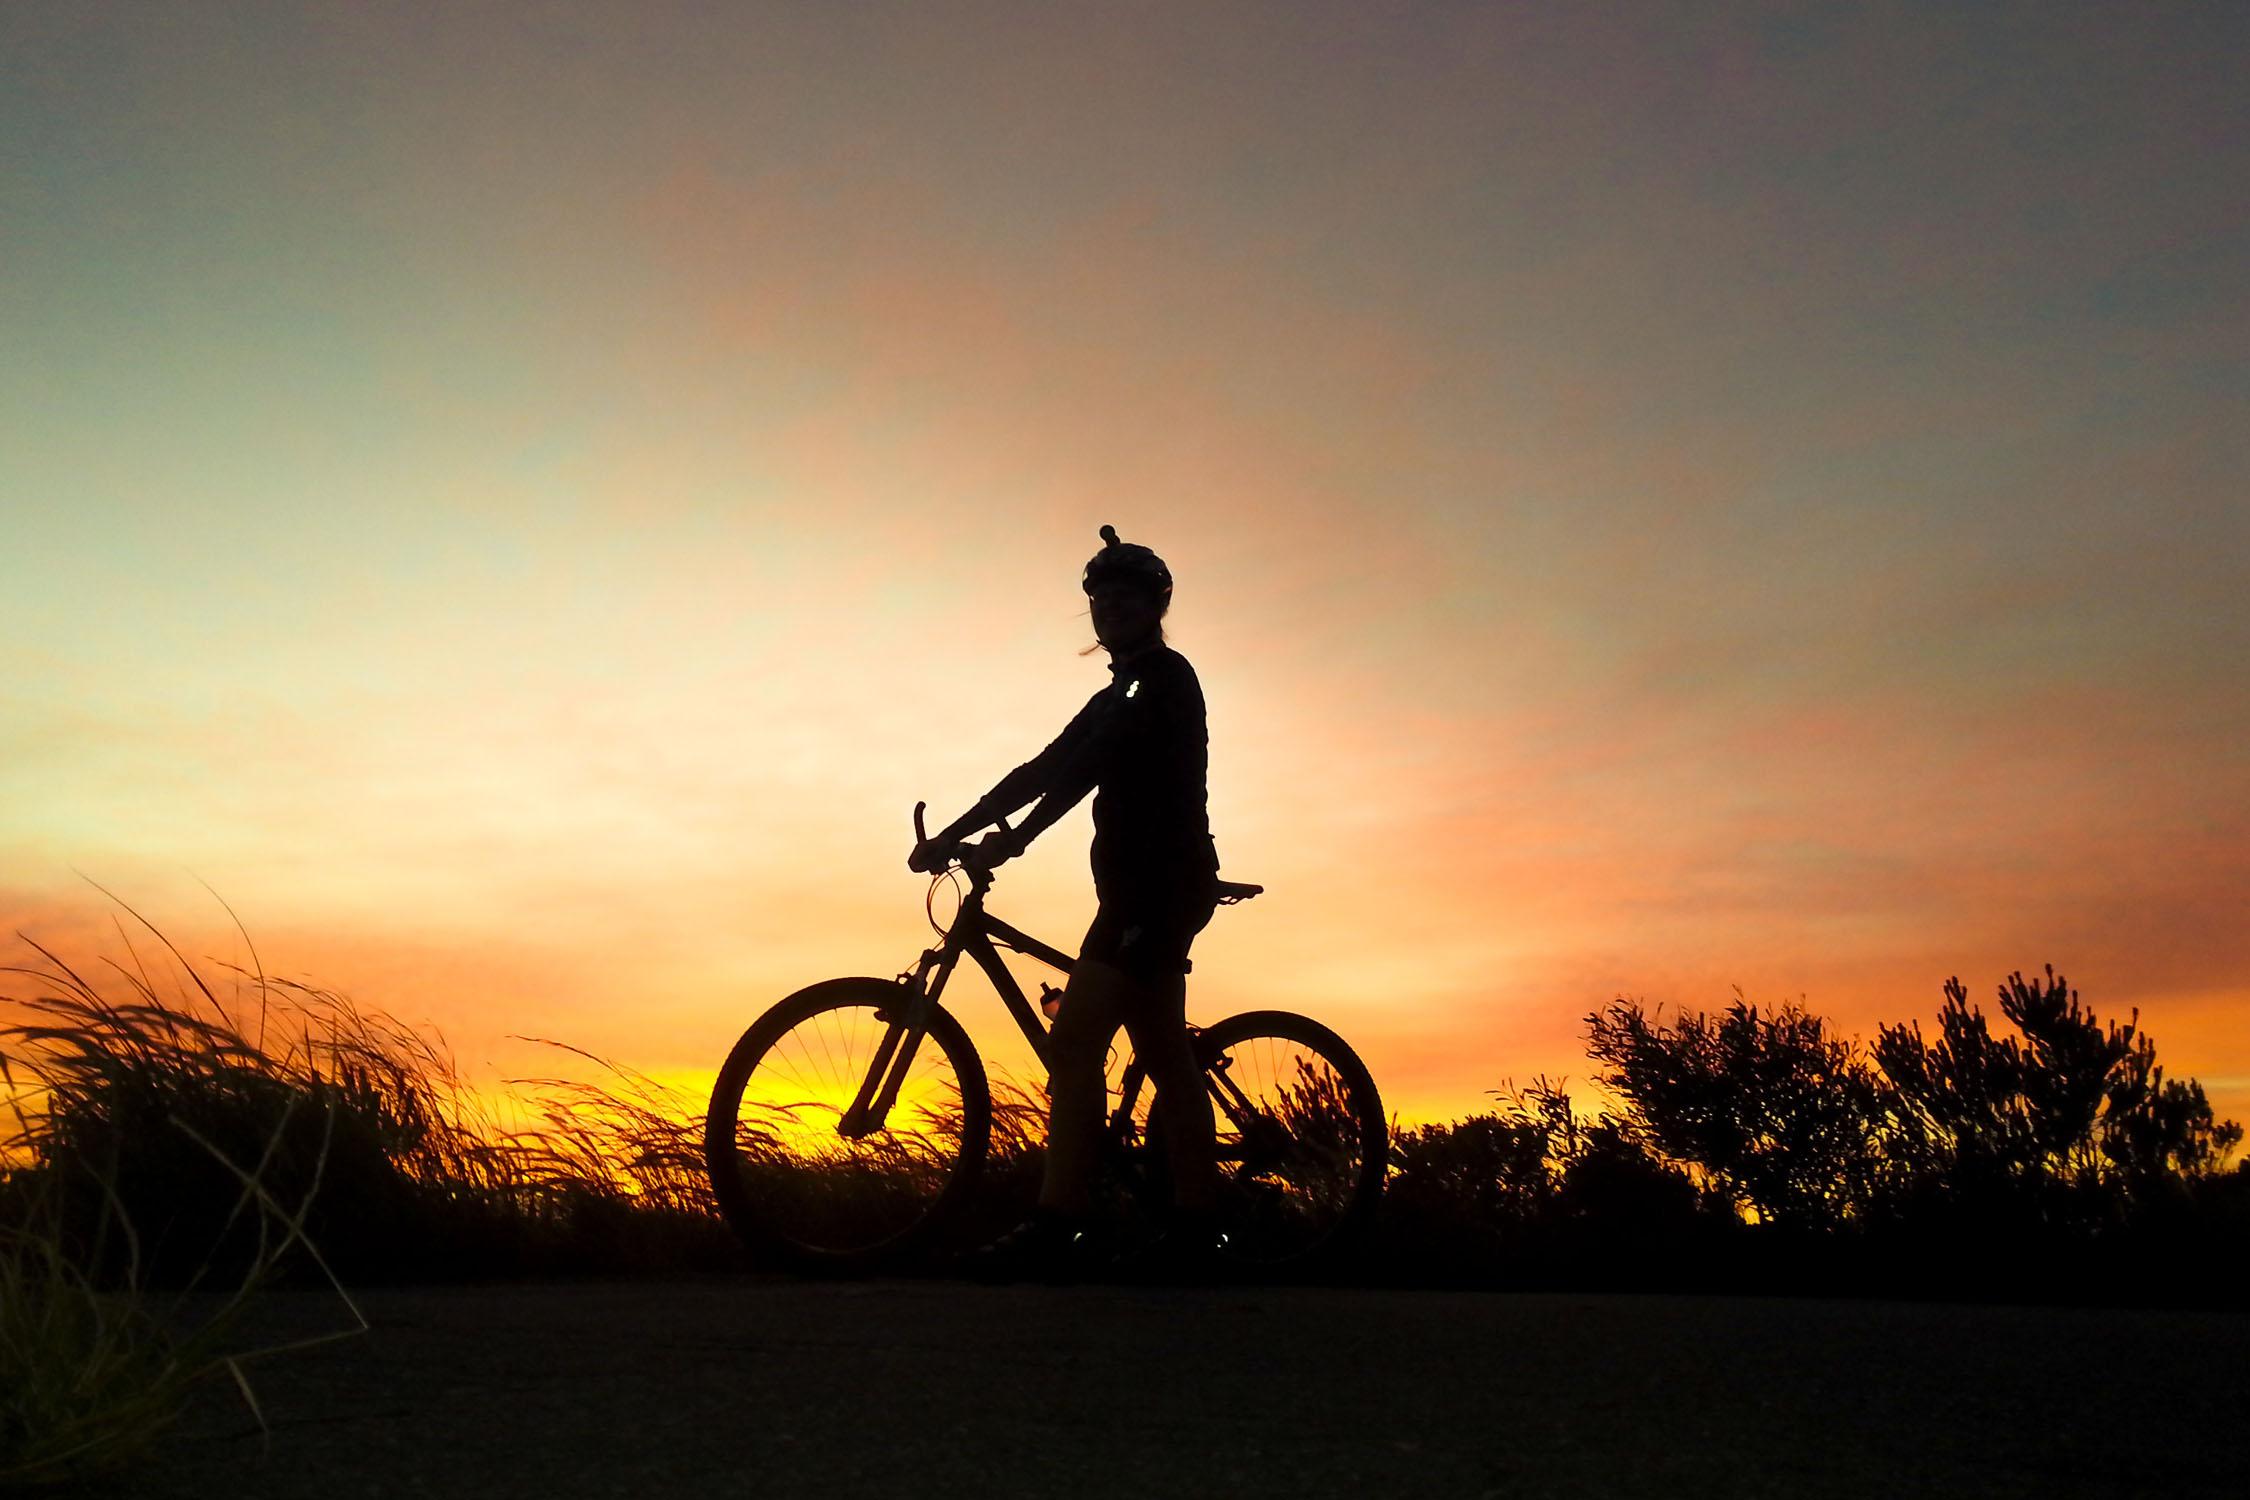 El ciclismo reduce ansiedad y estrés